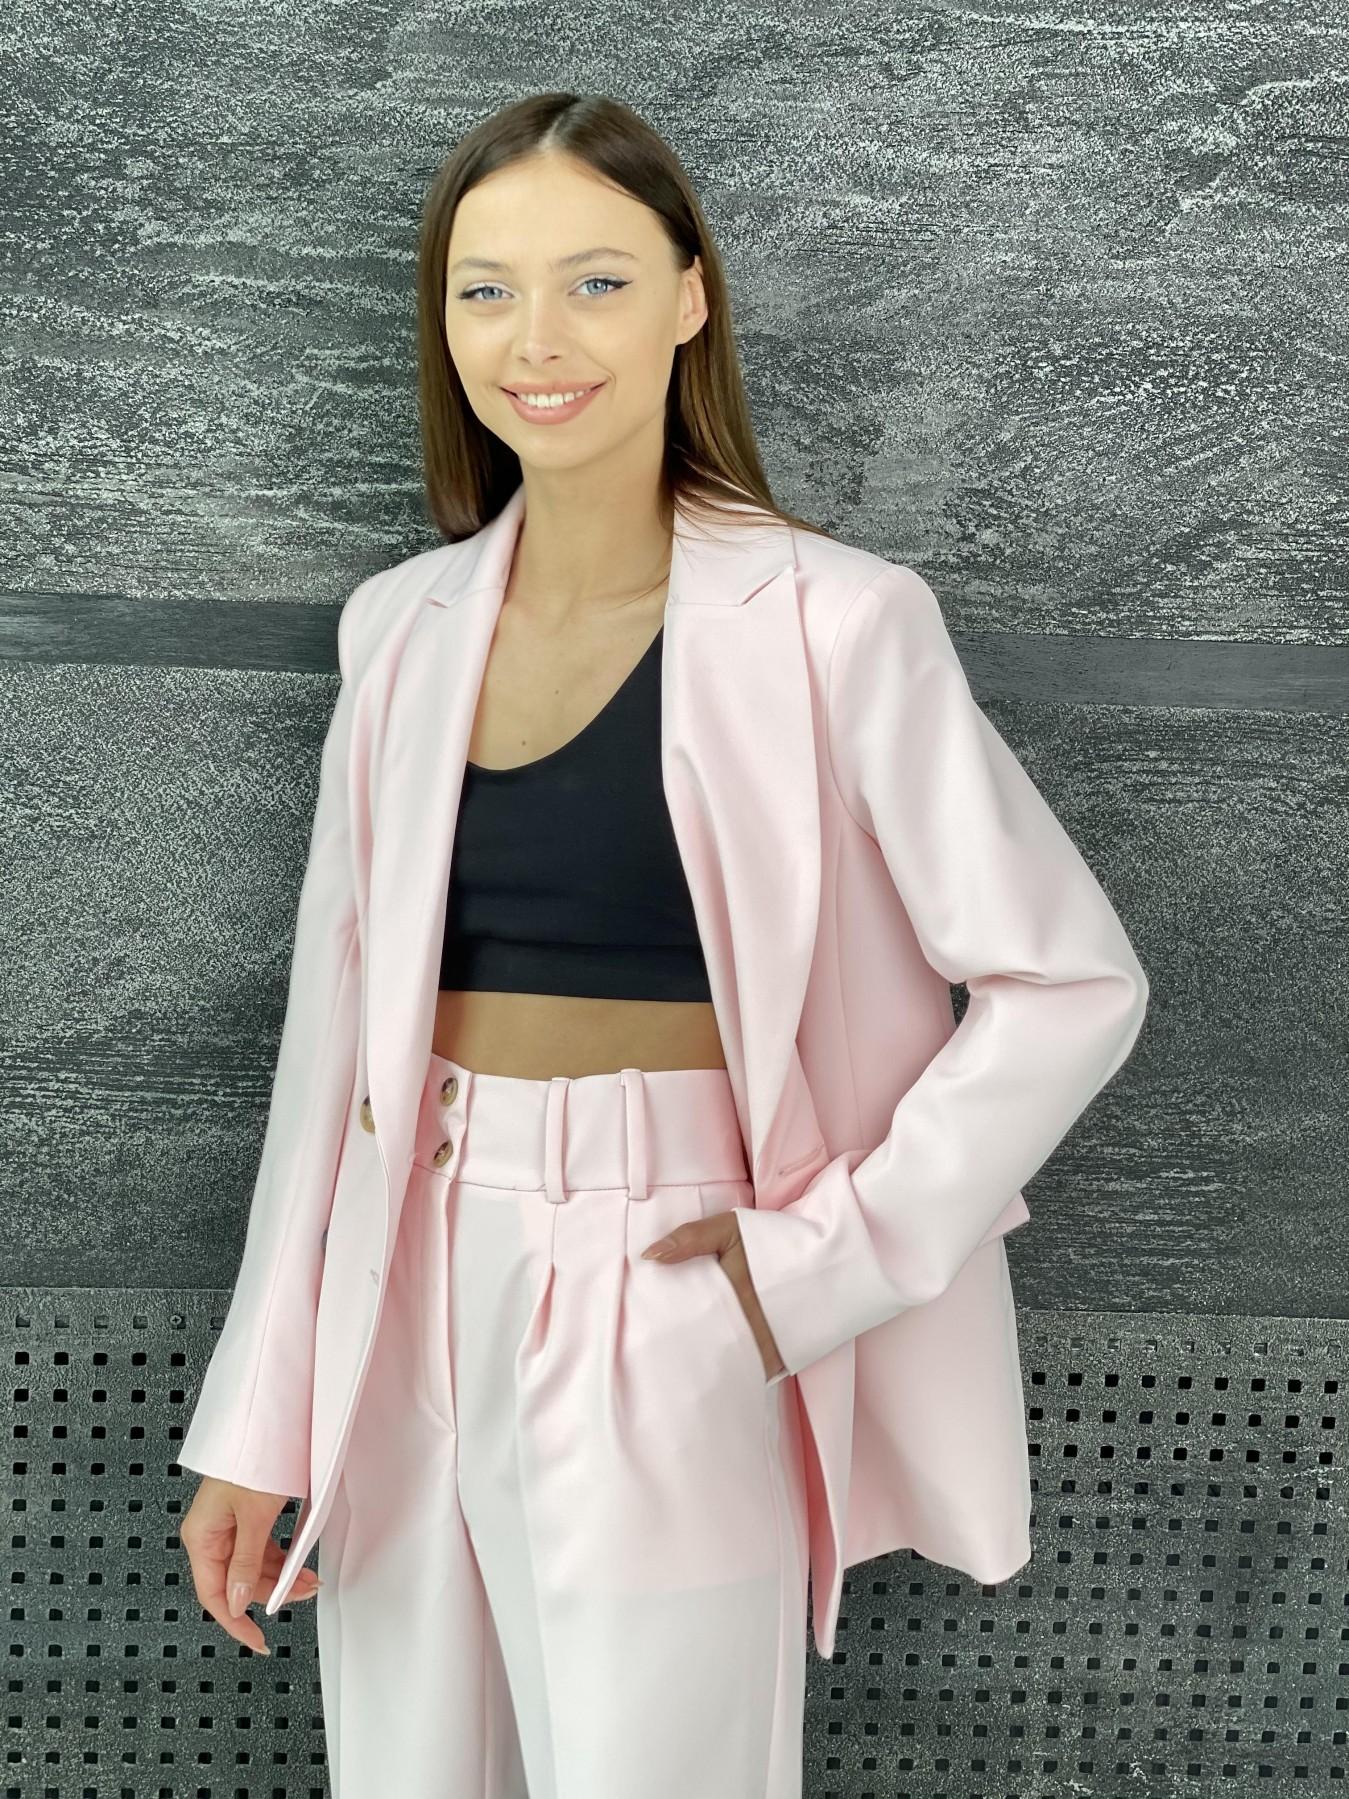 Франко костюм стрейчевый из костюмной ткани 11090 АРТ. 47977 Цвет: Розовый - фото 5, интернет магазин tm-modus.ru